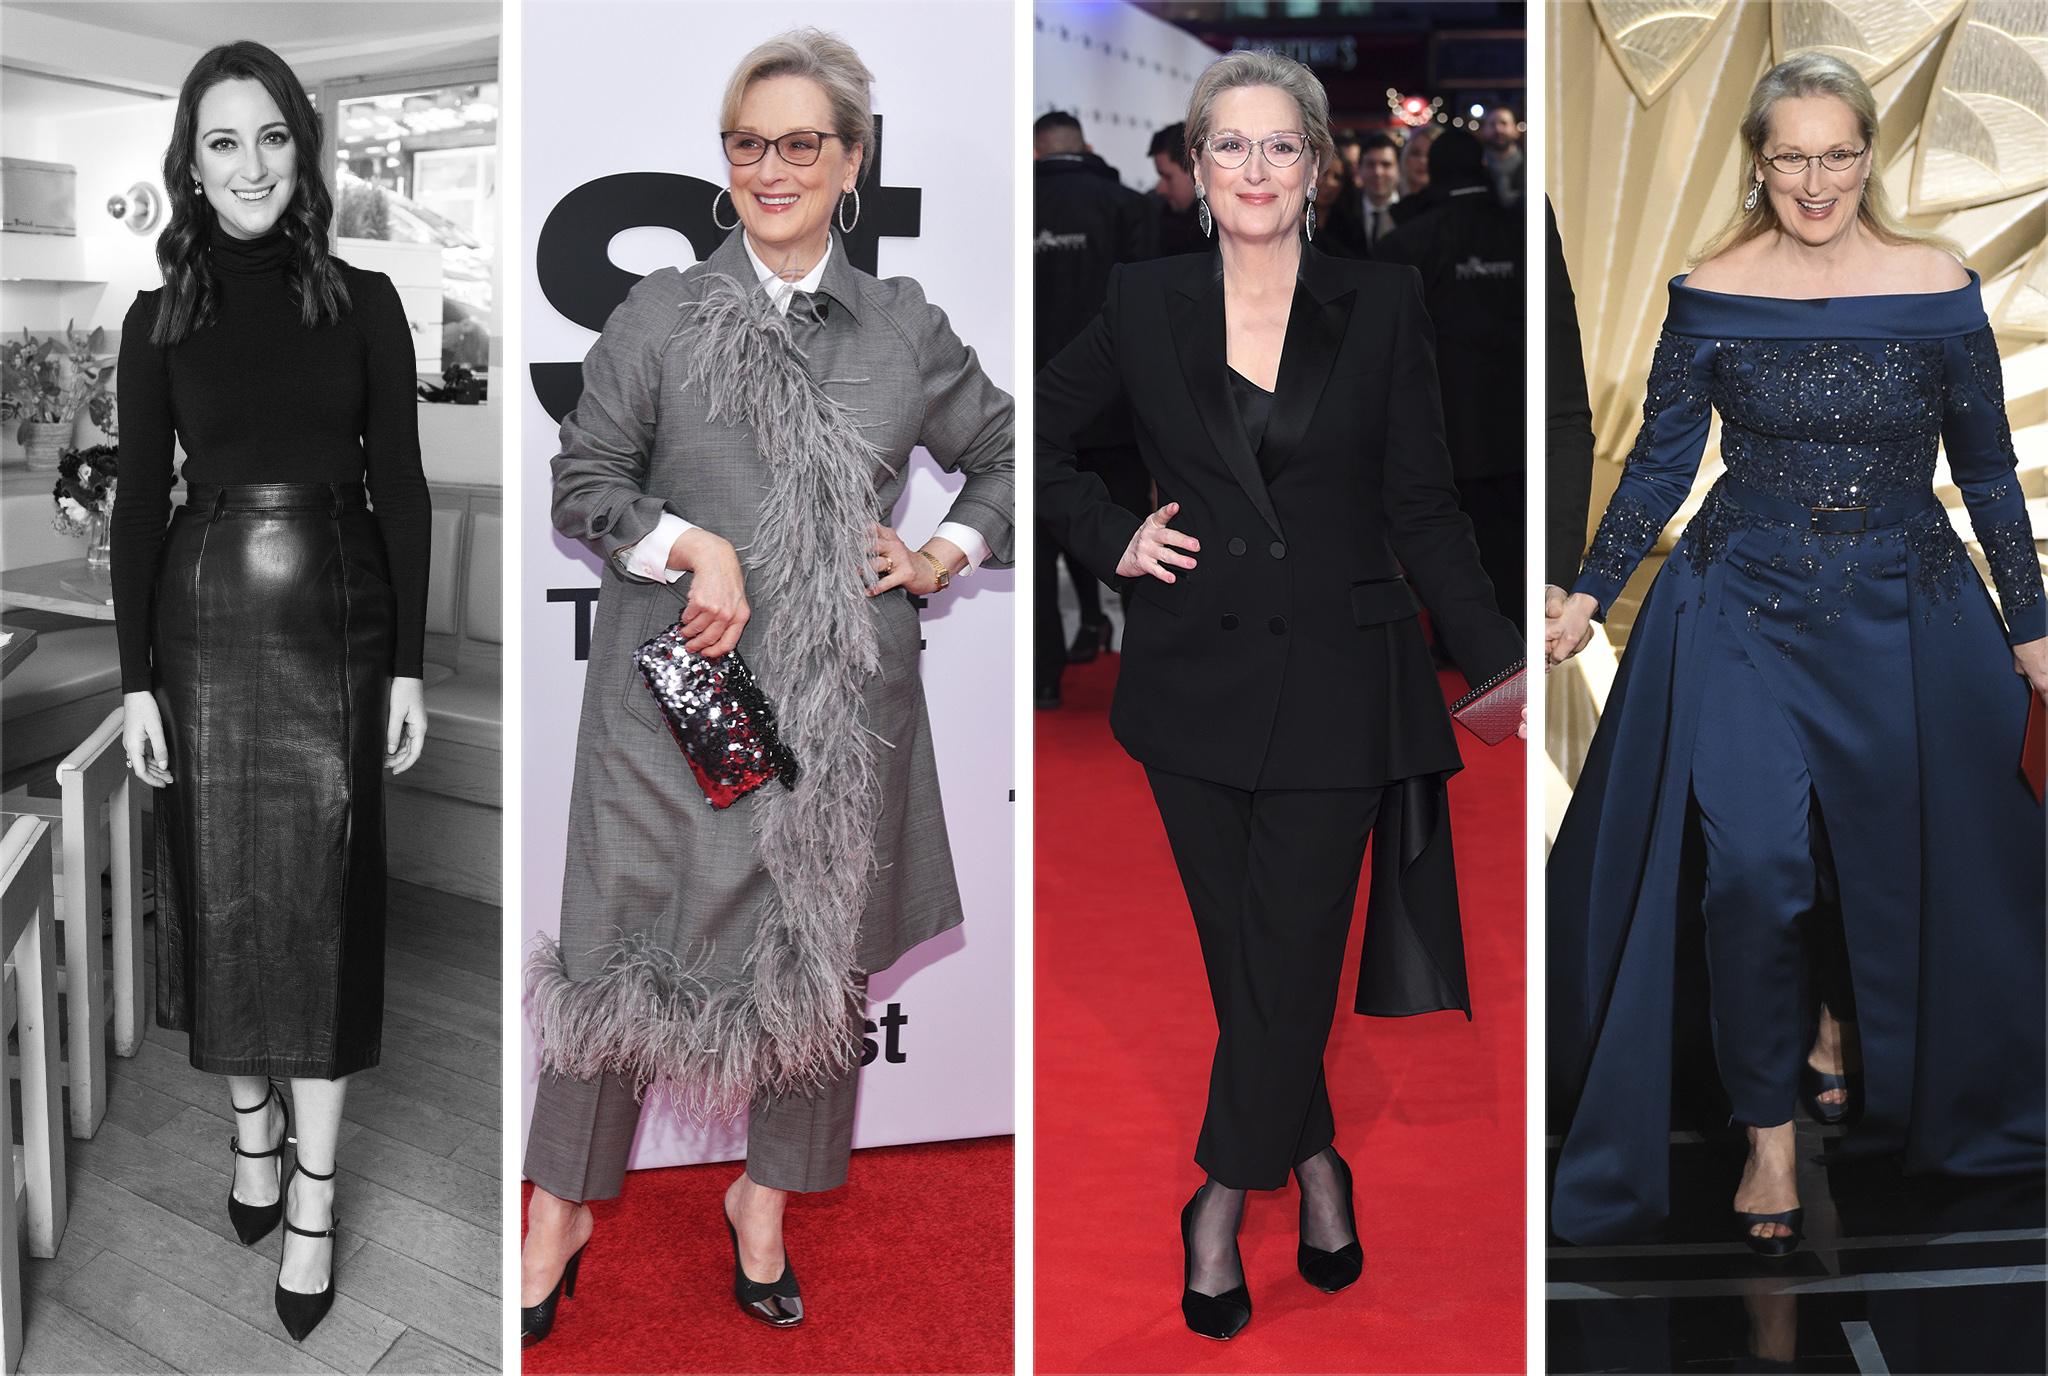 Micaela Erlanger with Meryl Streep in Prada, Alexander McQueen and Elie Saab